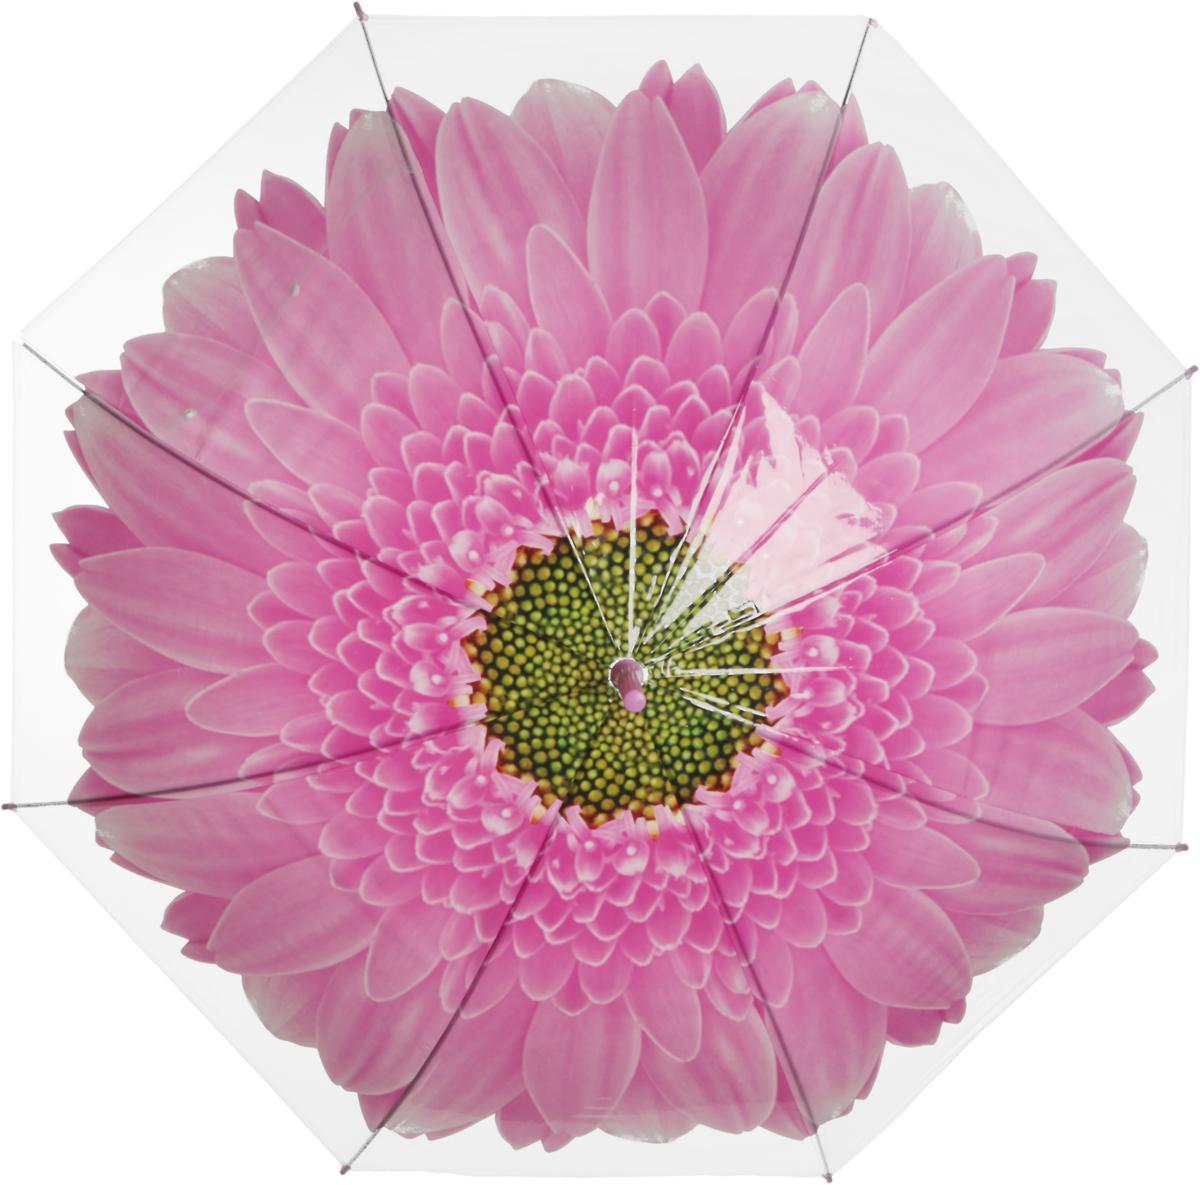 Зонт женский Эврика Цветок, цвет: розовый, белый. 978561003-ZK1268/zЗонт-трость полиэтиленовый, диаметр купола 1 метр, длинна трости 74 см.Упаковка: пакет прозрачный.